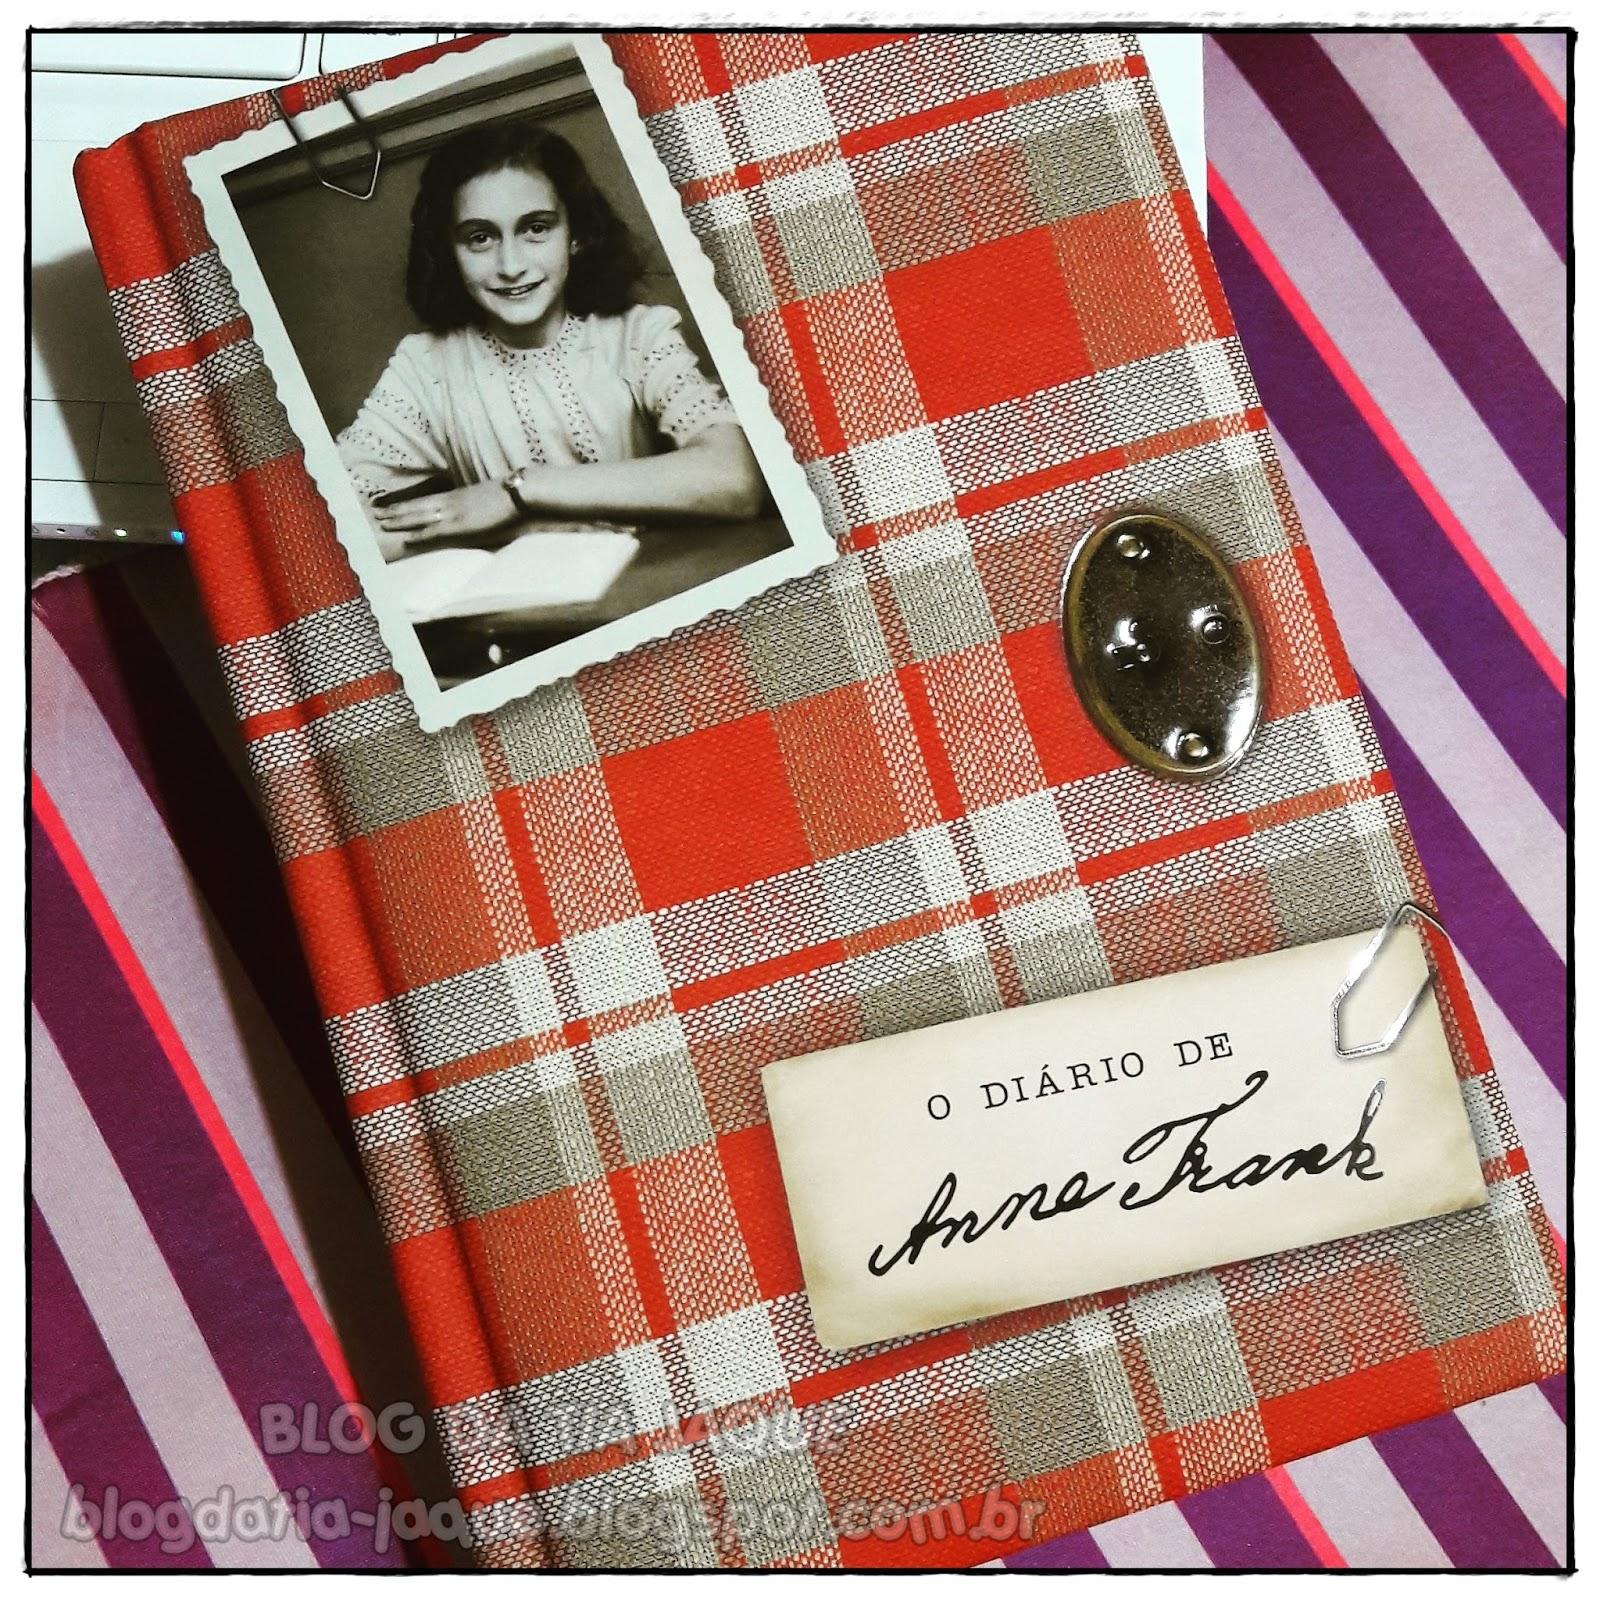 www blog anne frank pdf